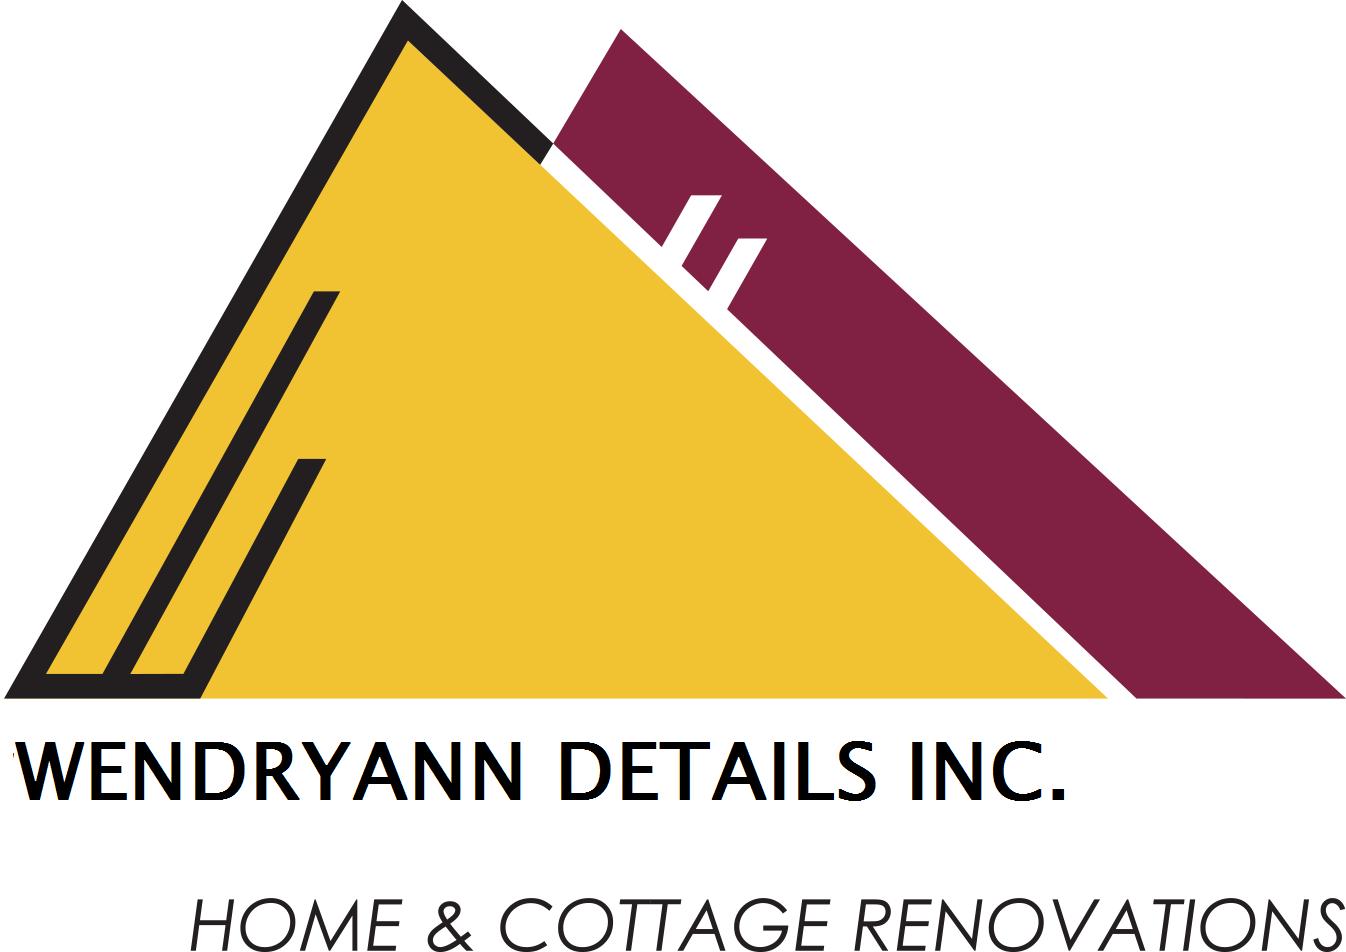 Wendryann Details Inc.